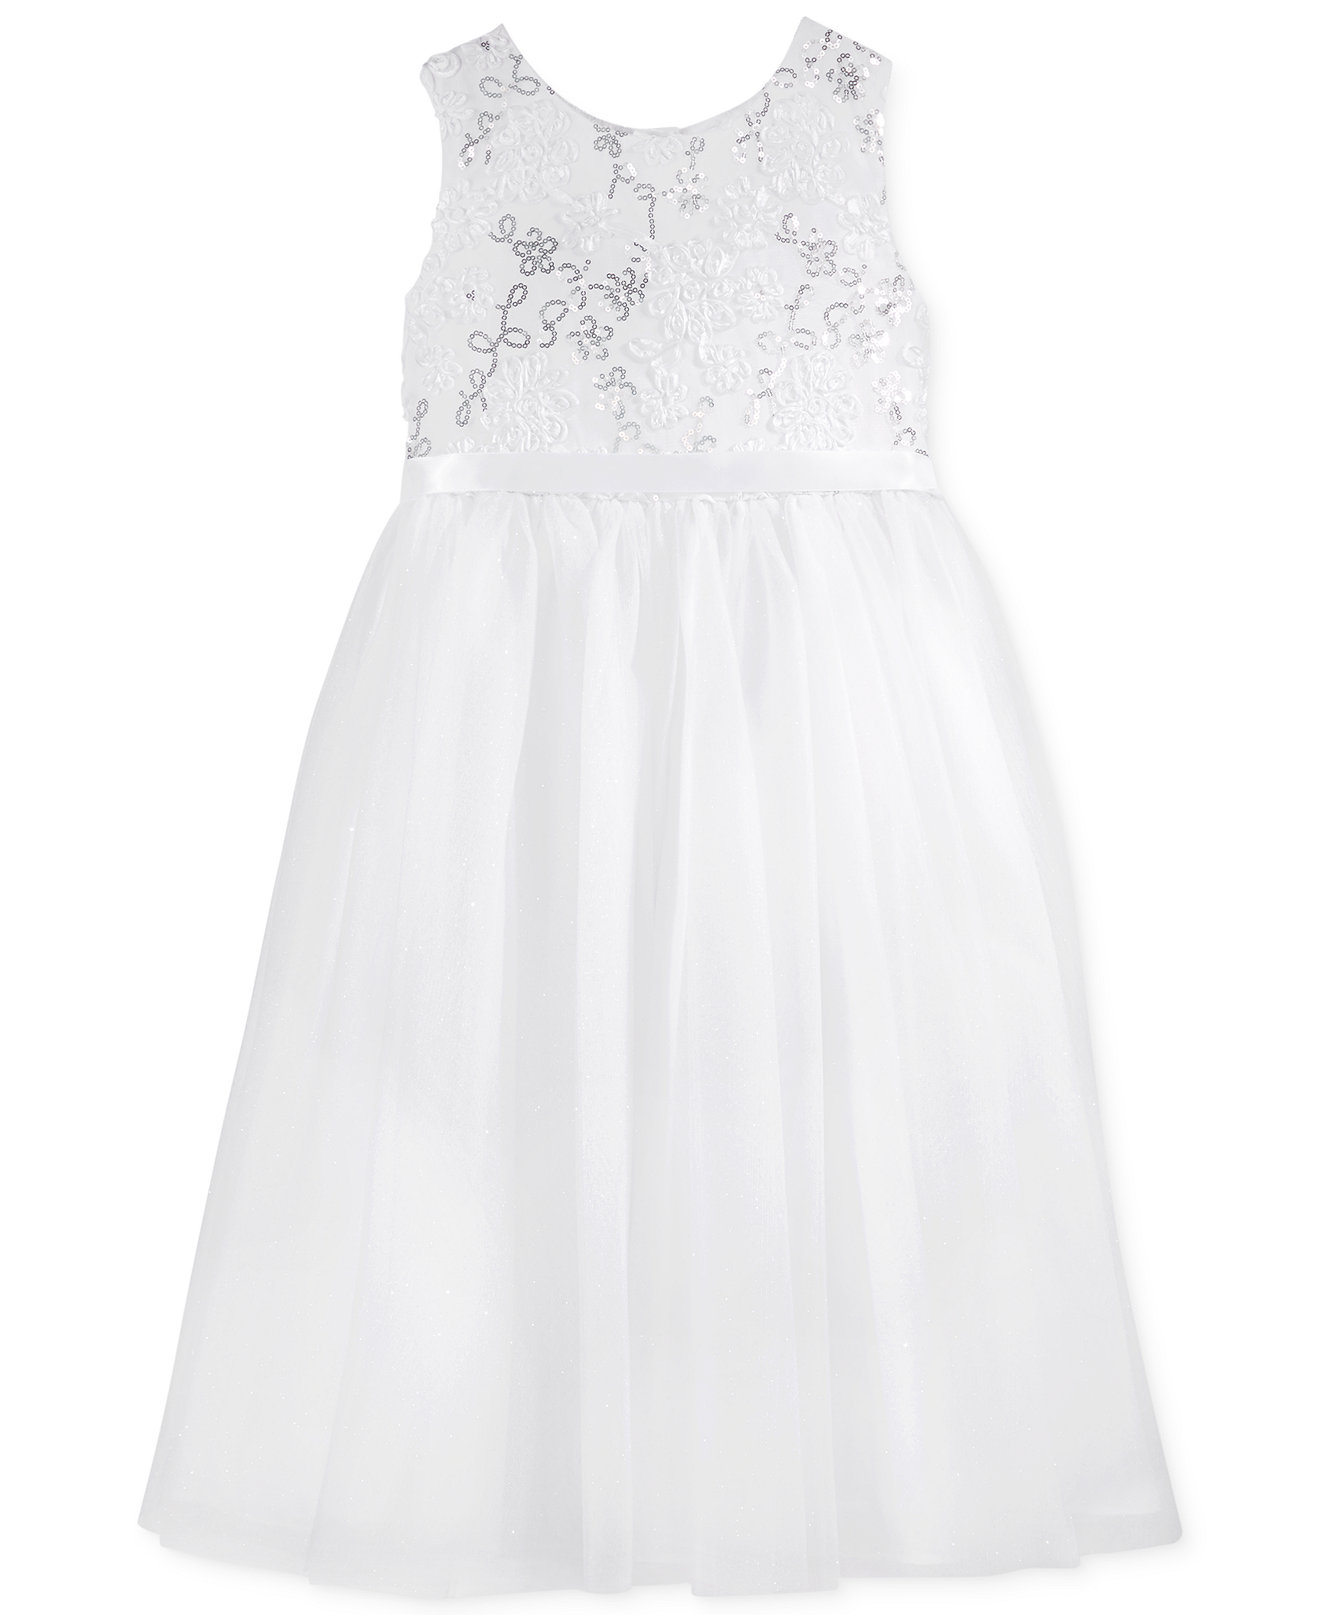 Summer Dresses For Toddler Girls